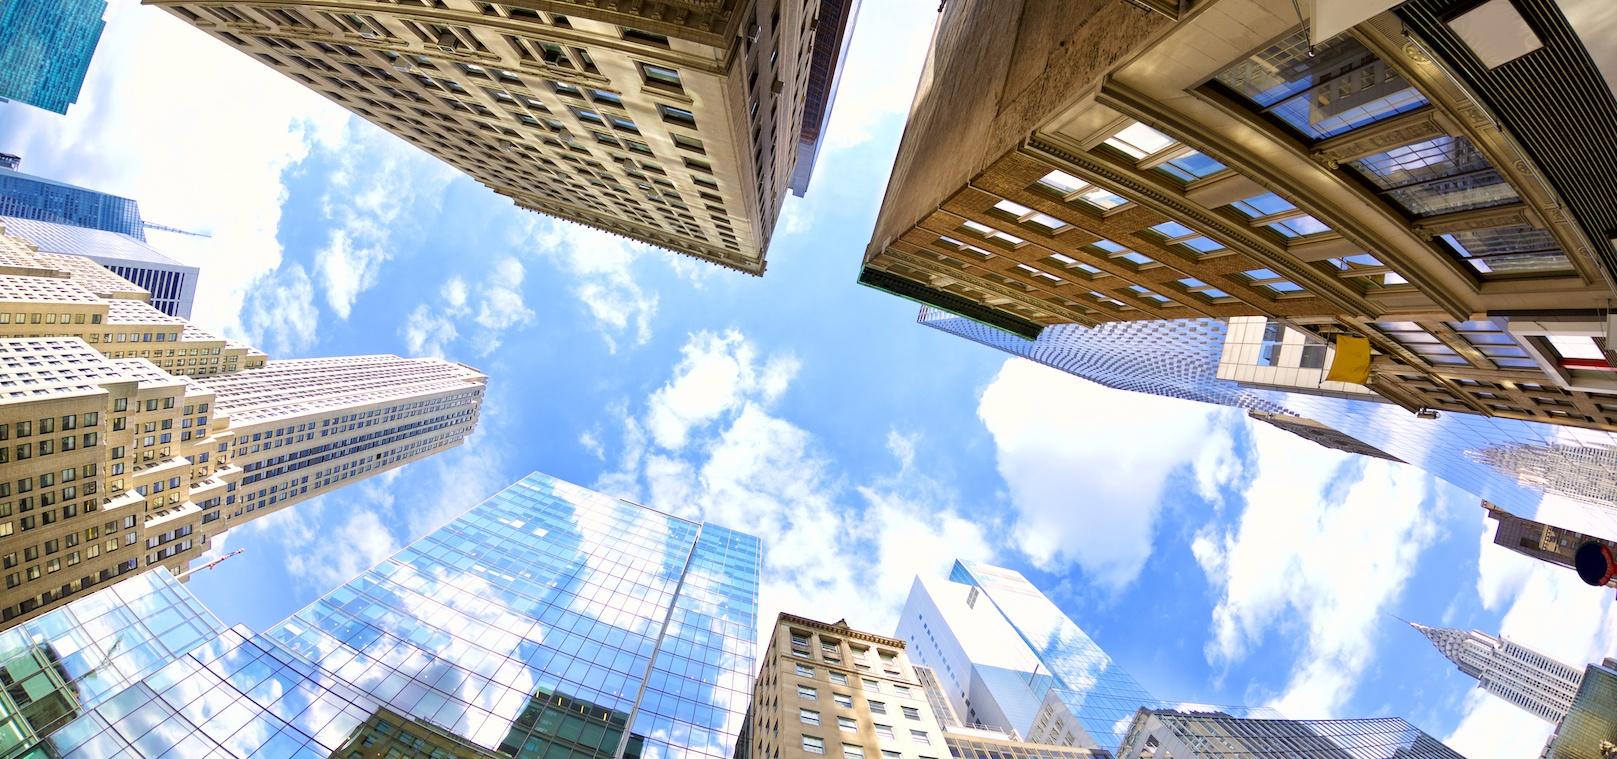 midtown-manhattan-skyscrapers-PVMVN9Y-1.jpg